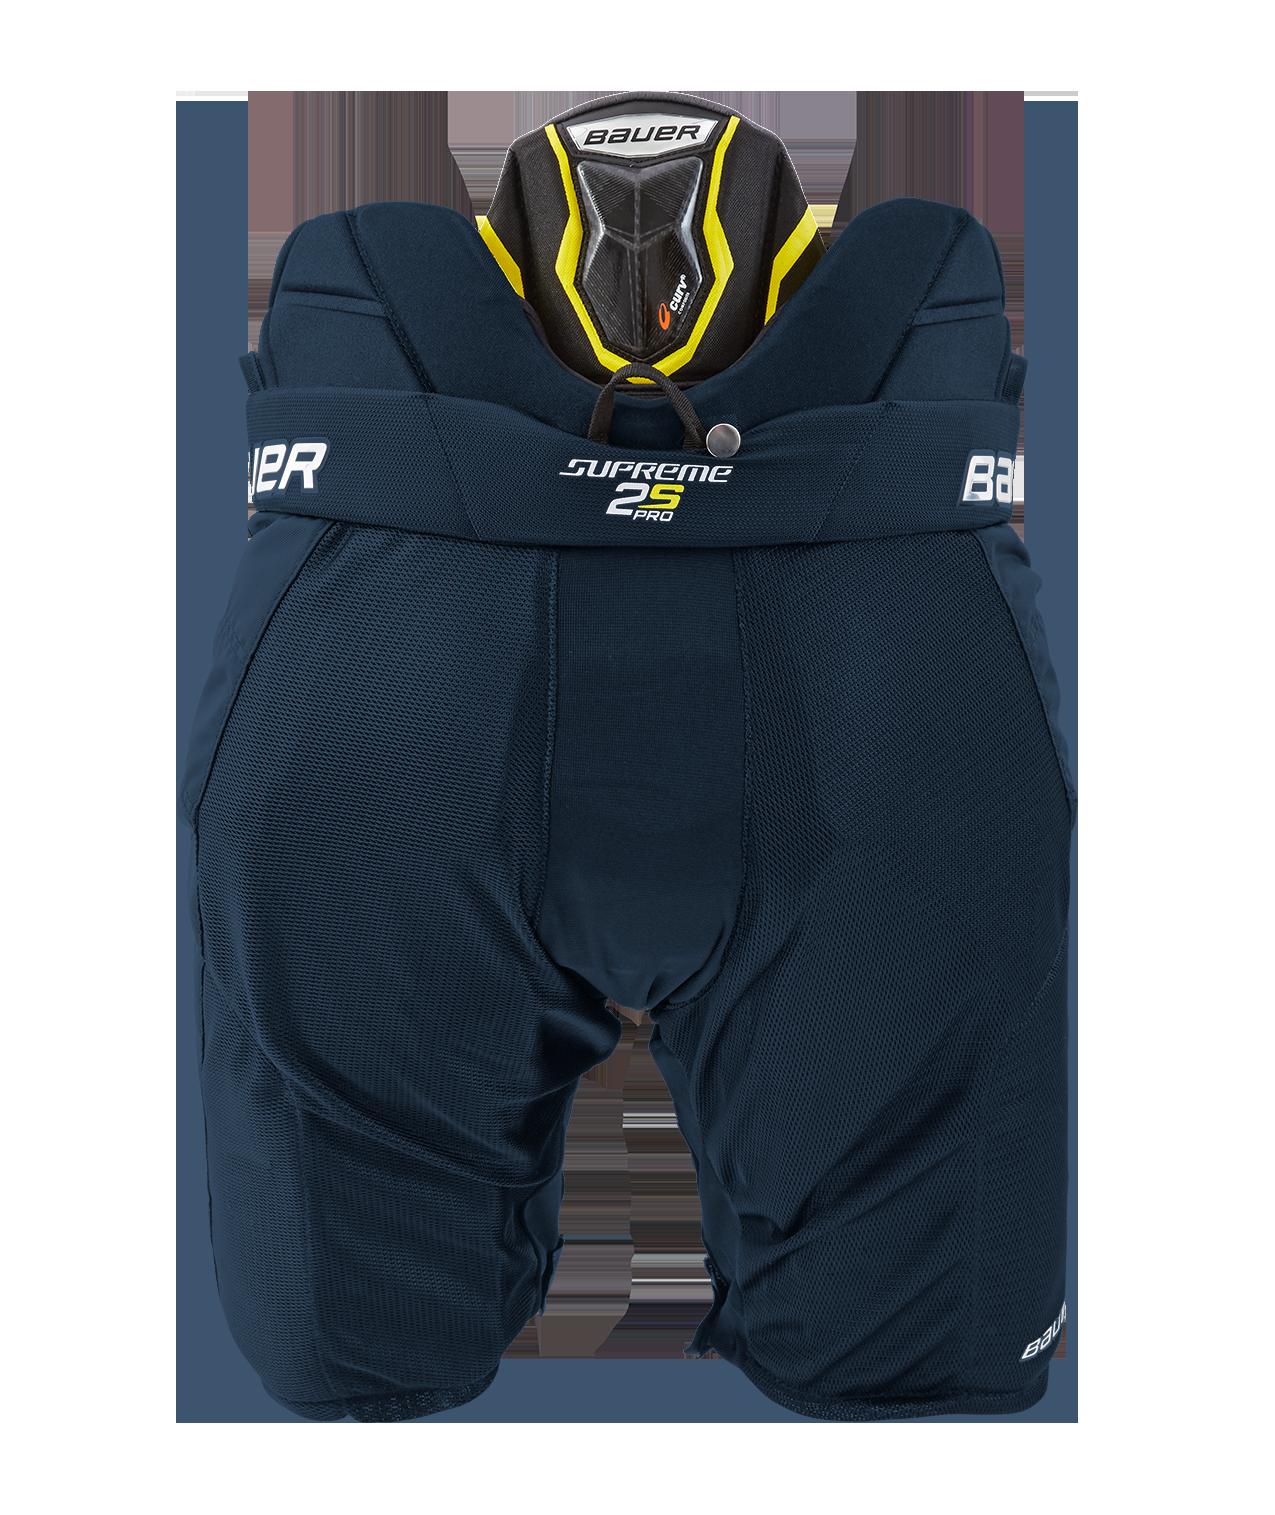 Supreme 2S PRO Pants Junior